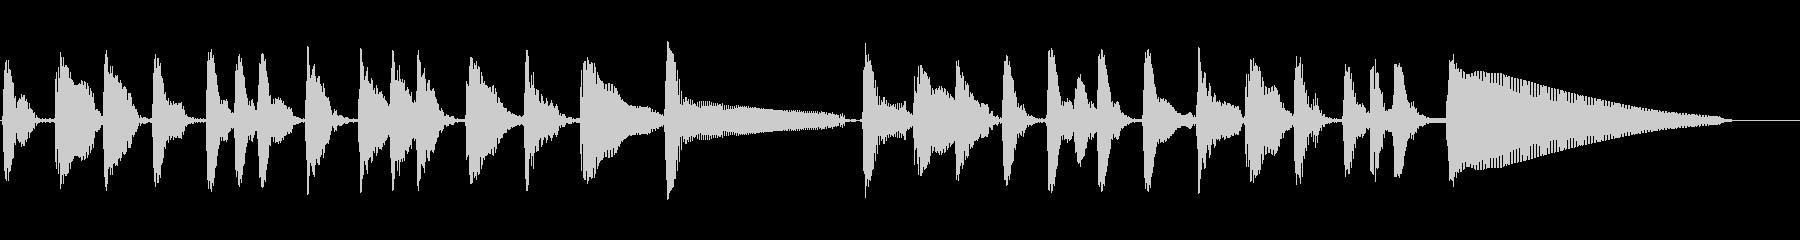 アコースティックベース:トラックト...の未再生の波形